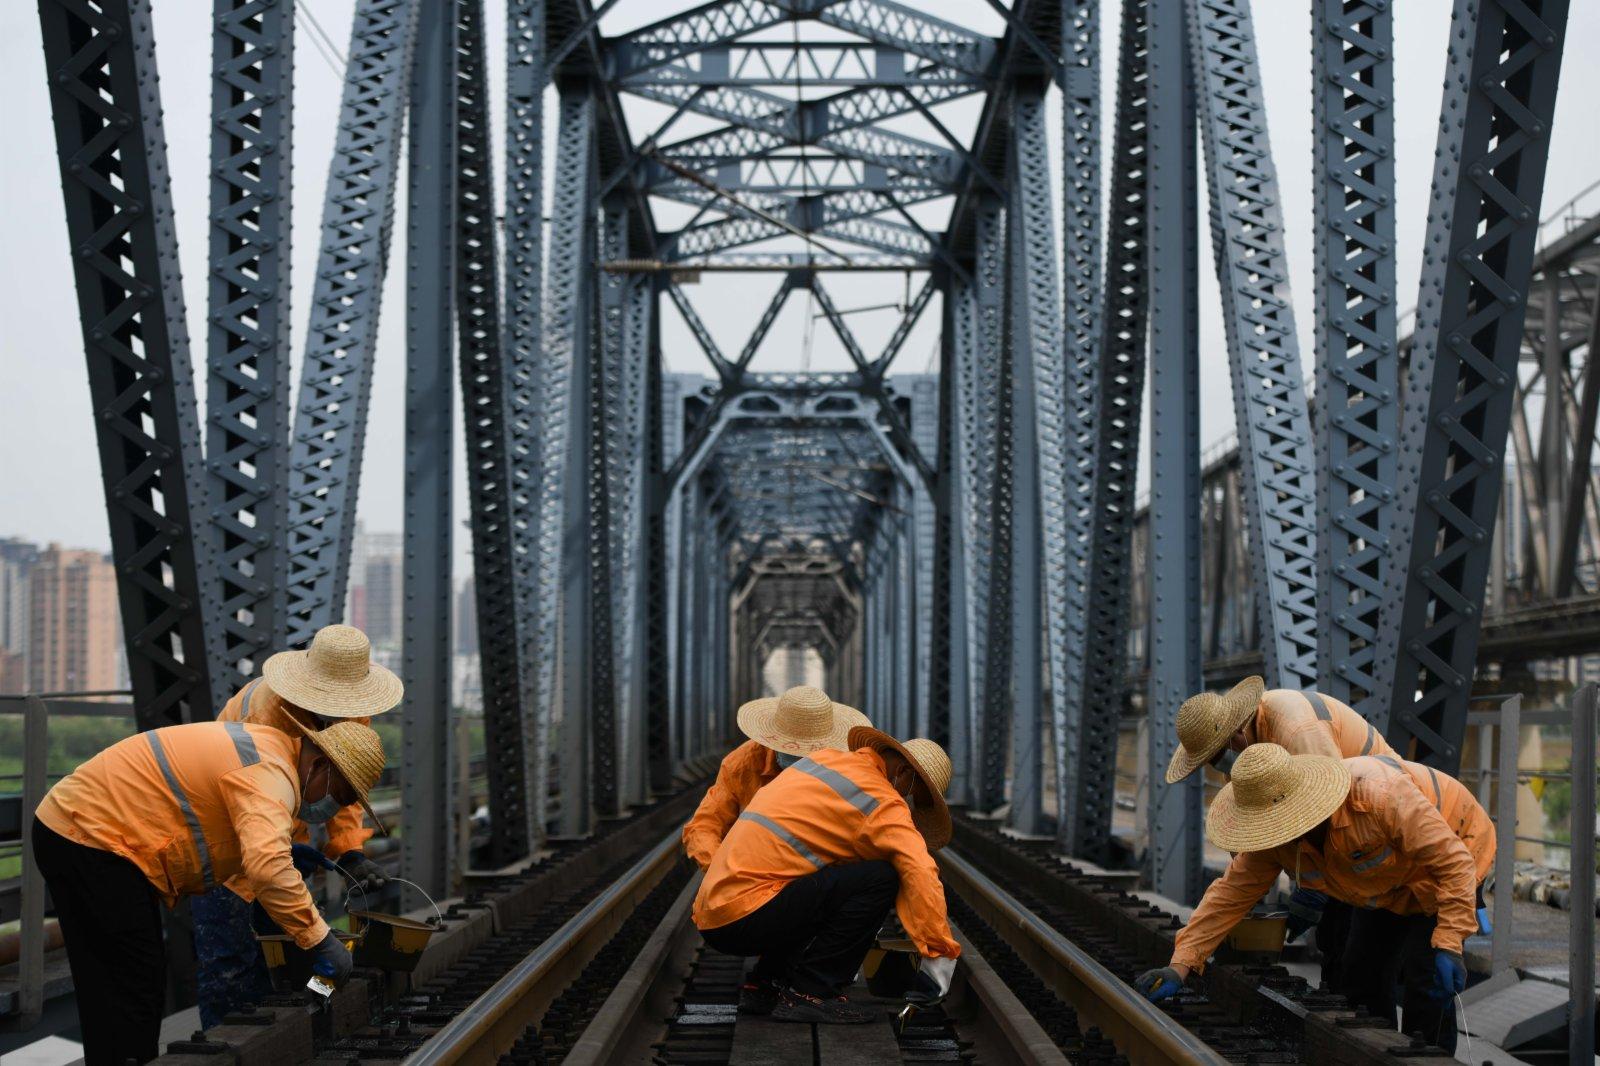 7月21日,橋隧工在蚌埠淮河鐵路大橋上進行軌距測量。(新華社)